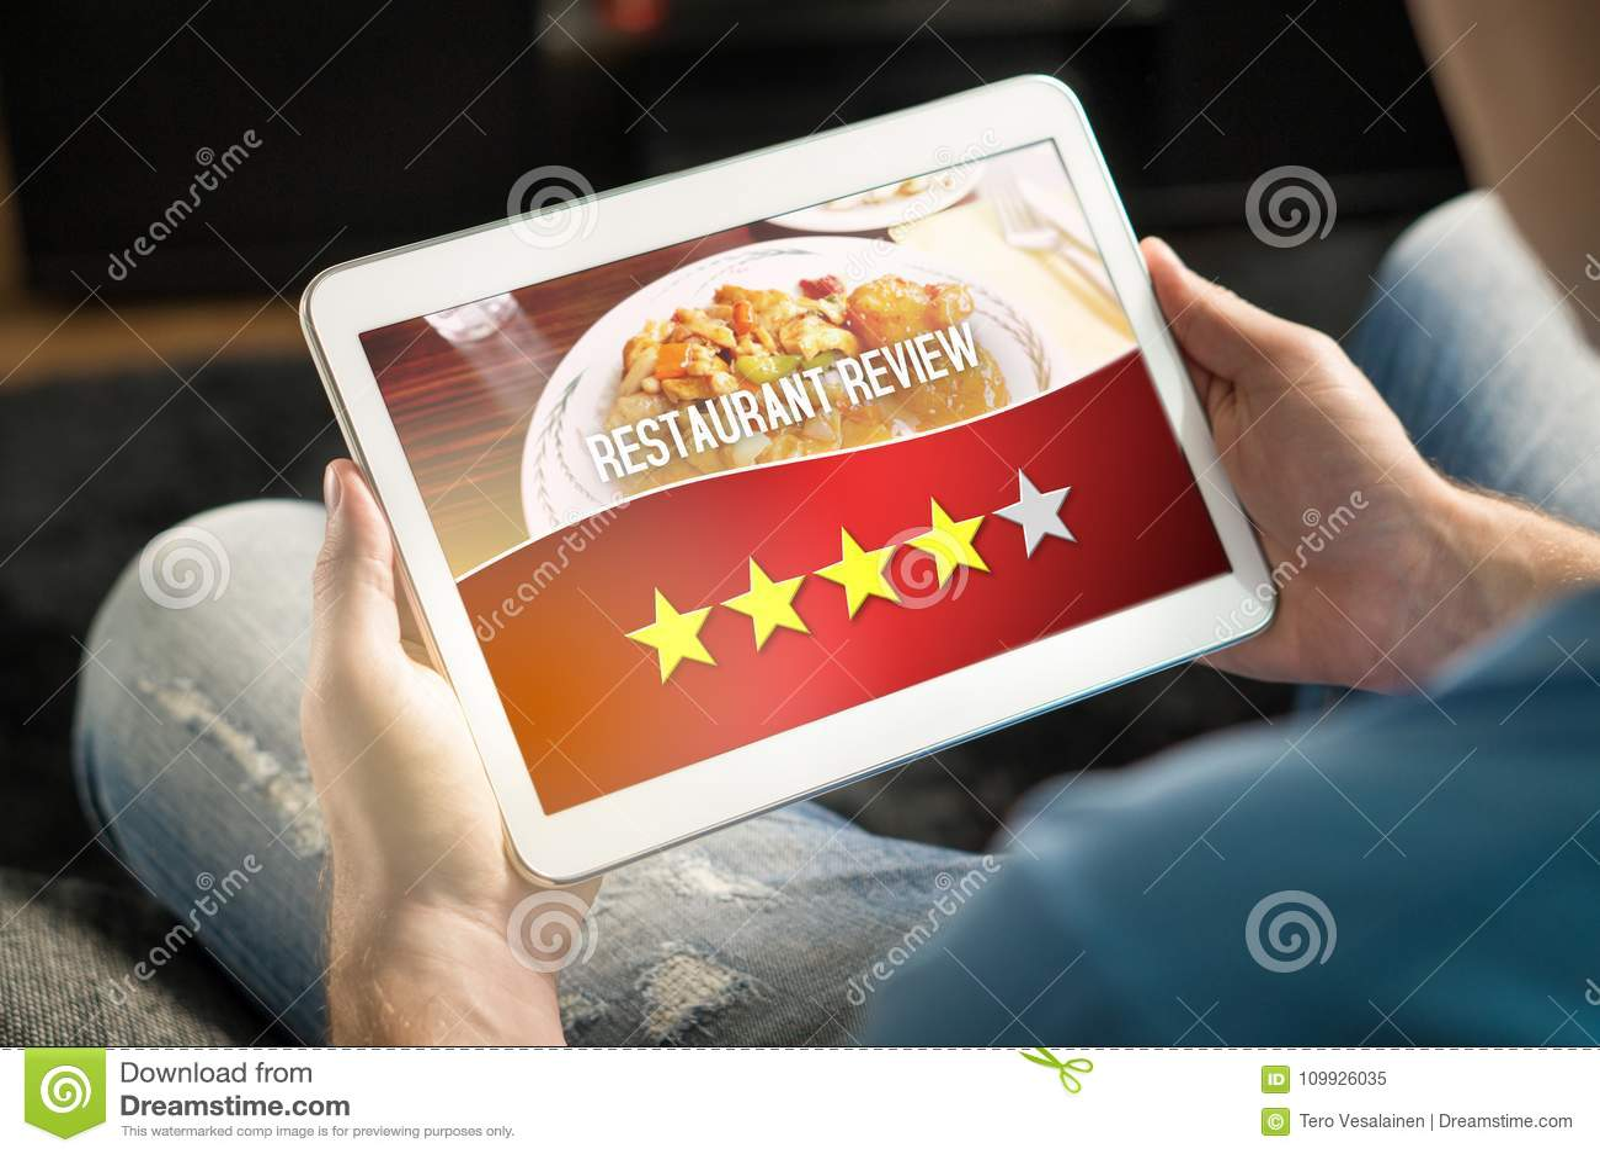 Хороший обзор ресторана Удовлетворенный и счастливый клиент